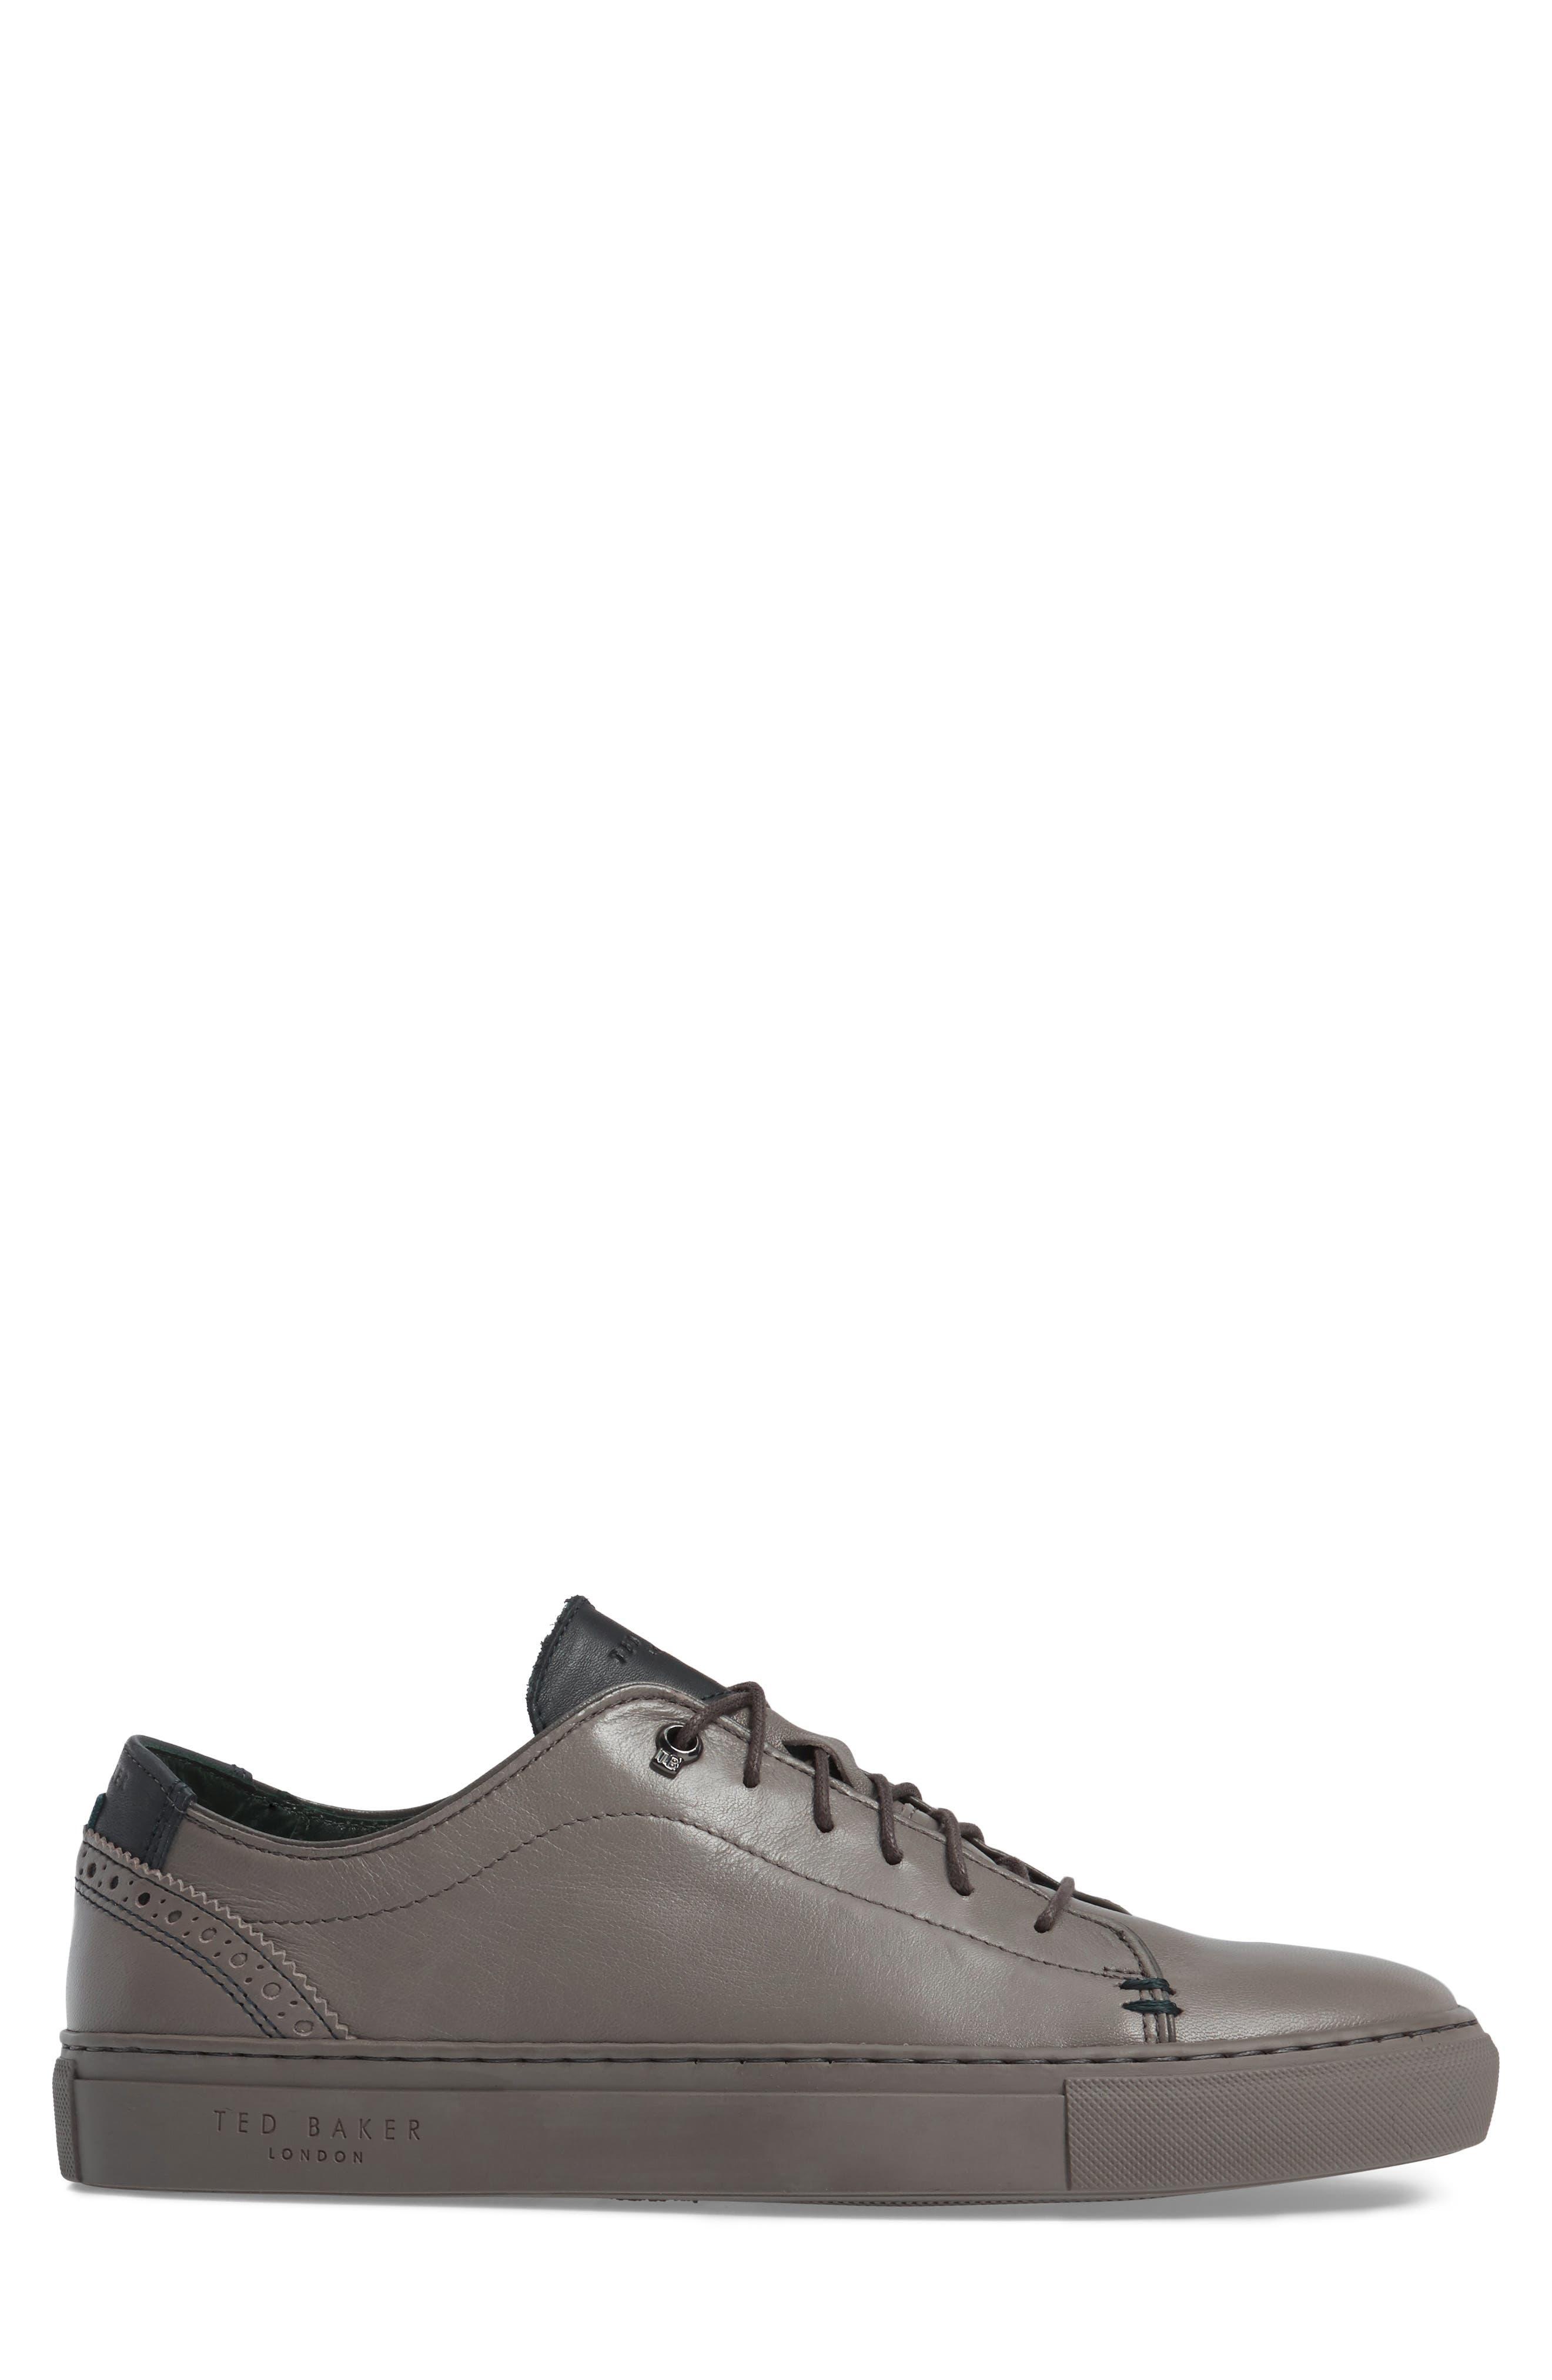 Prinnc Low Top Sneaker,                             Alternate thumbnail 3, color,                             028